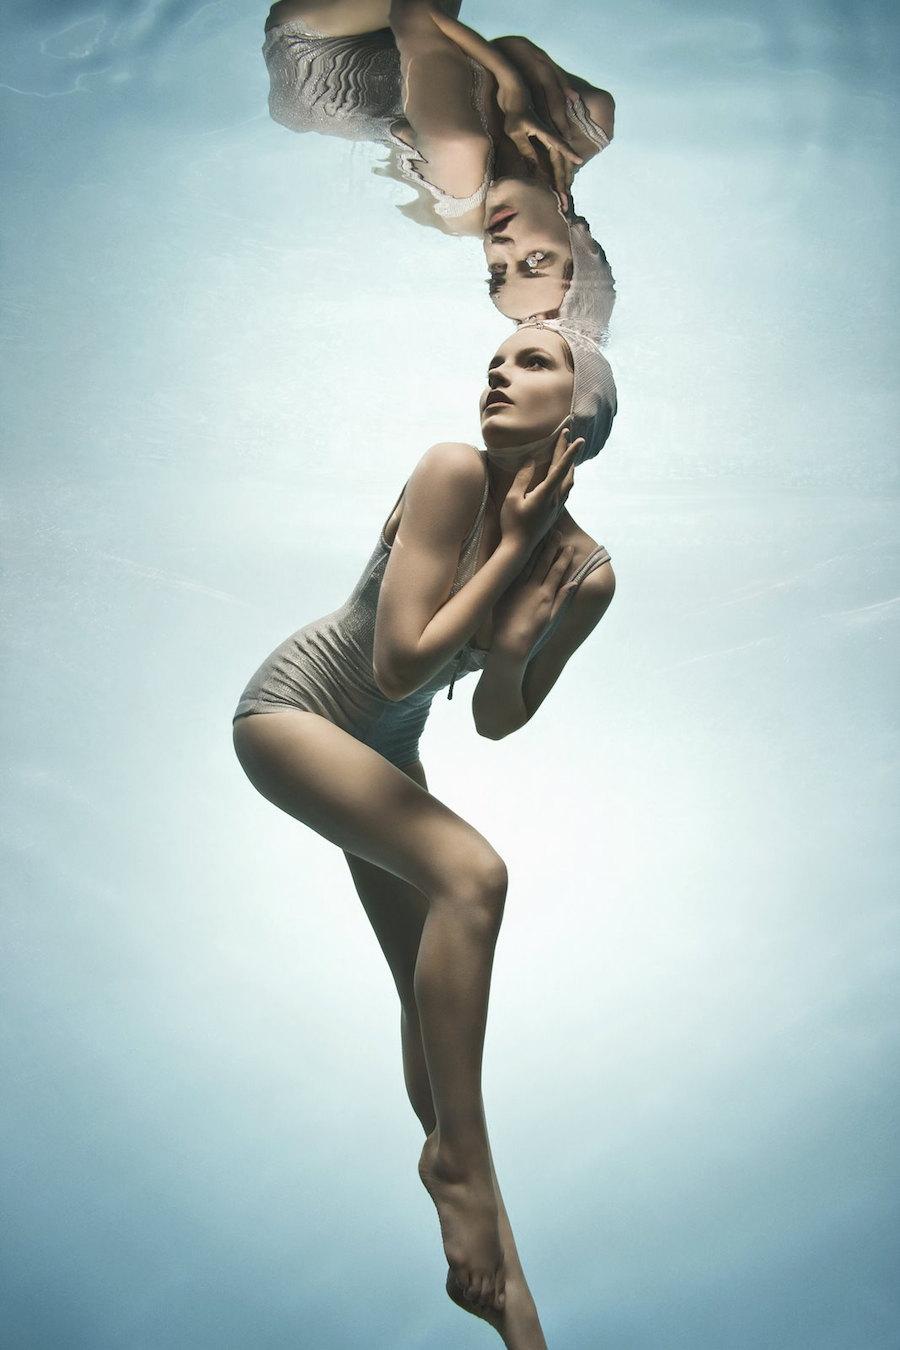 fotografia-subacquea-ritratti-phoebe-rudomino-7